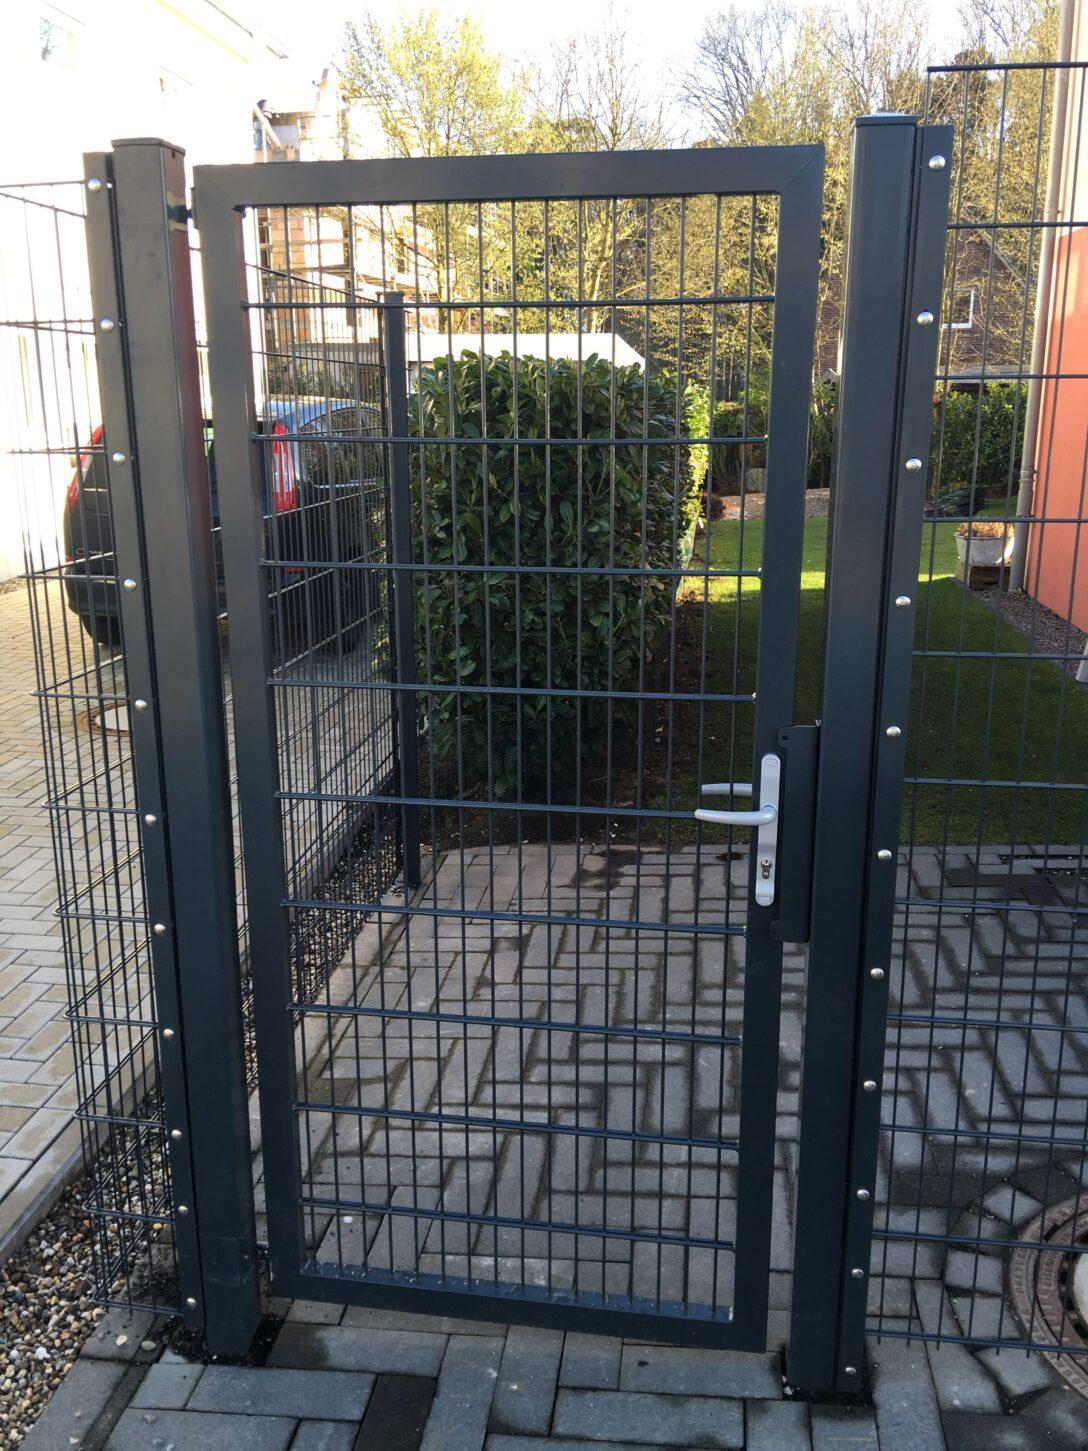 Large Size of Sichtschutz Metall Hornbach Garten Rost Sichtschutzfolie Für Fenster Bett Regale Regal Holz Weiß Wpc Im Wohnzimmer Sichtschutz Metall Hornbach